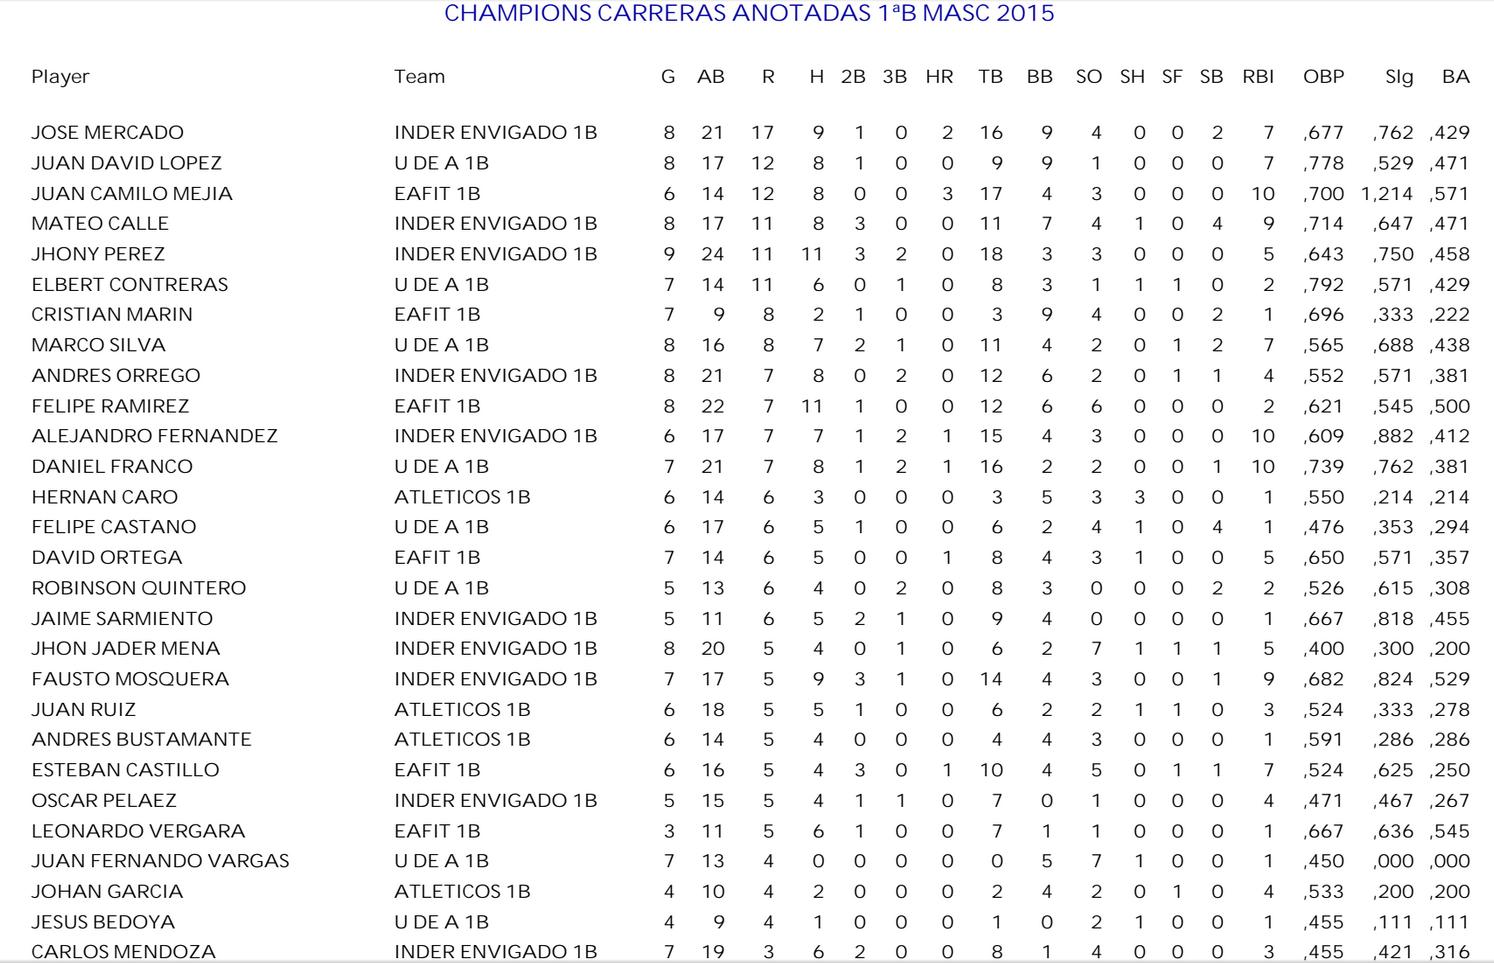 mas-carreras-anotadas-1ªb-Masc-campeones-2015